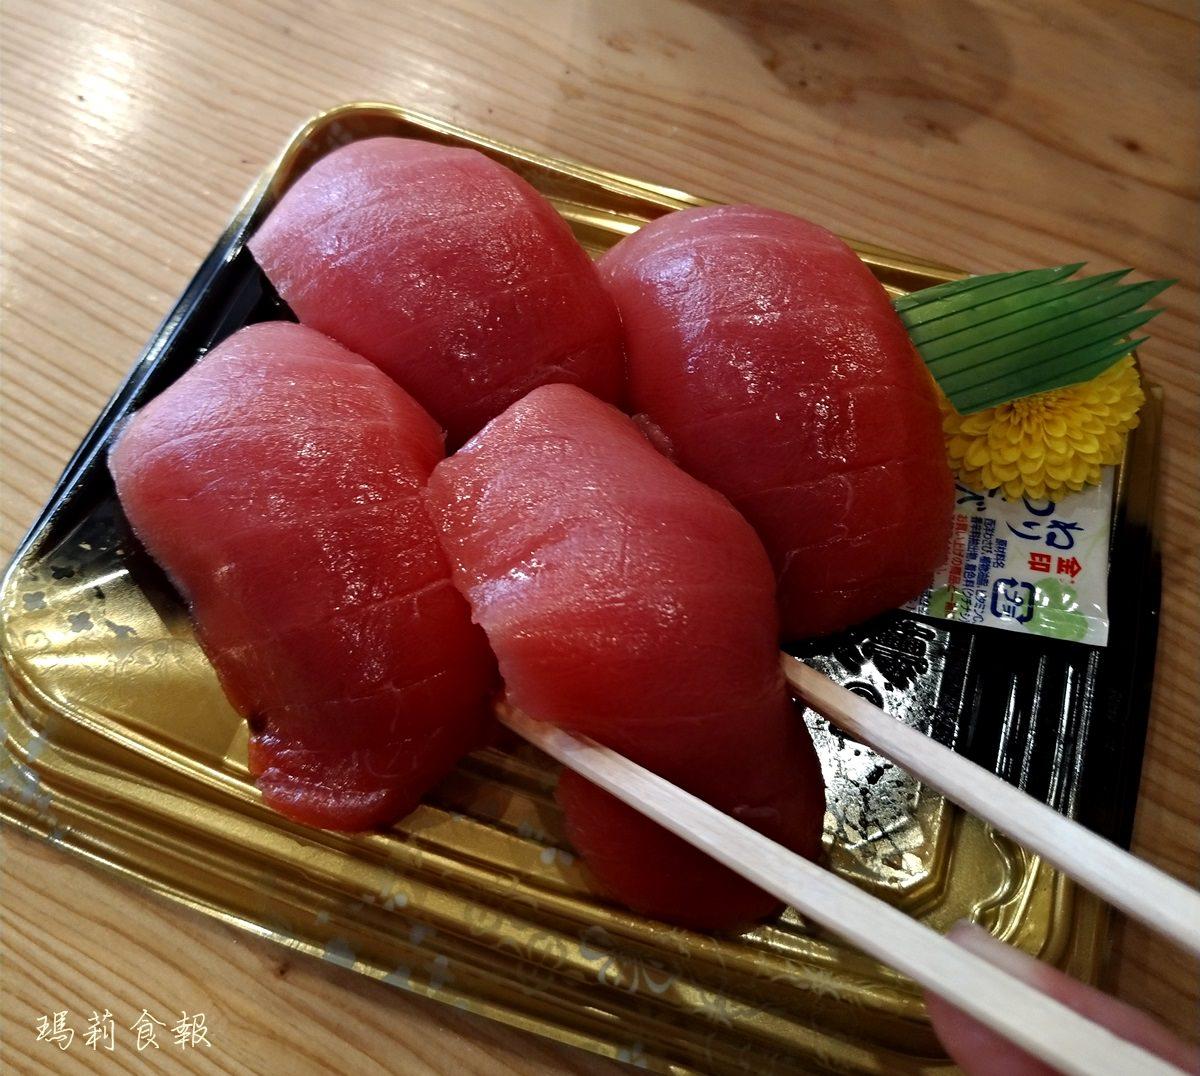 大阪日本橋美食|黑銀 新鮮黑鮪魚專賣 厚切生魚片 黑門市場海鮮必吃